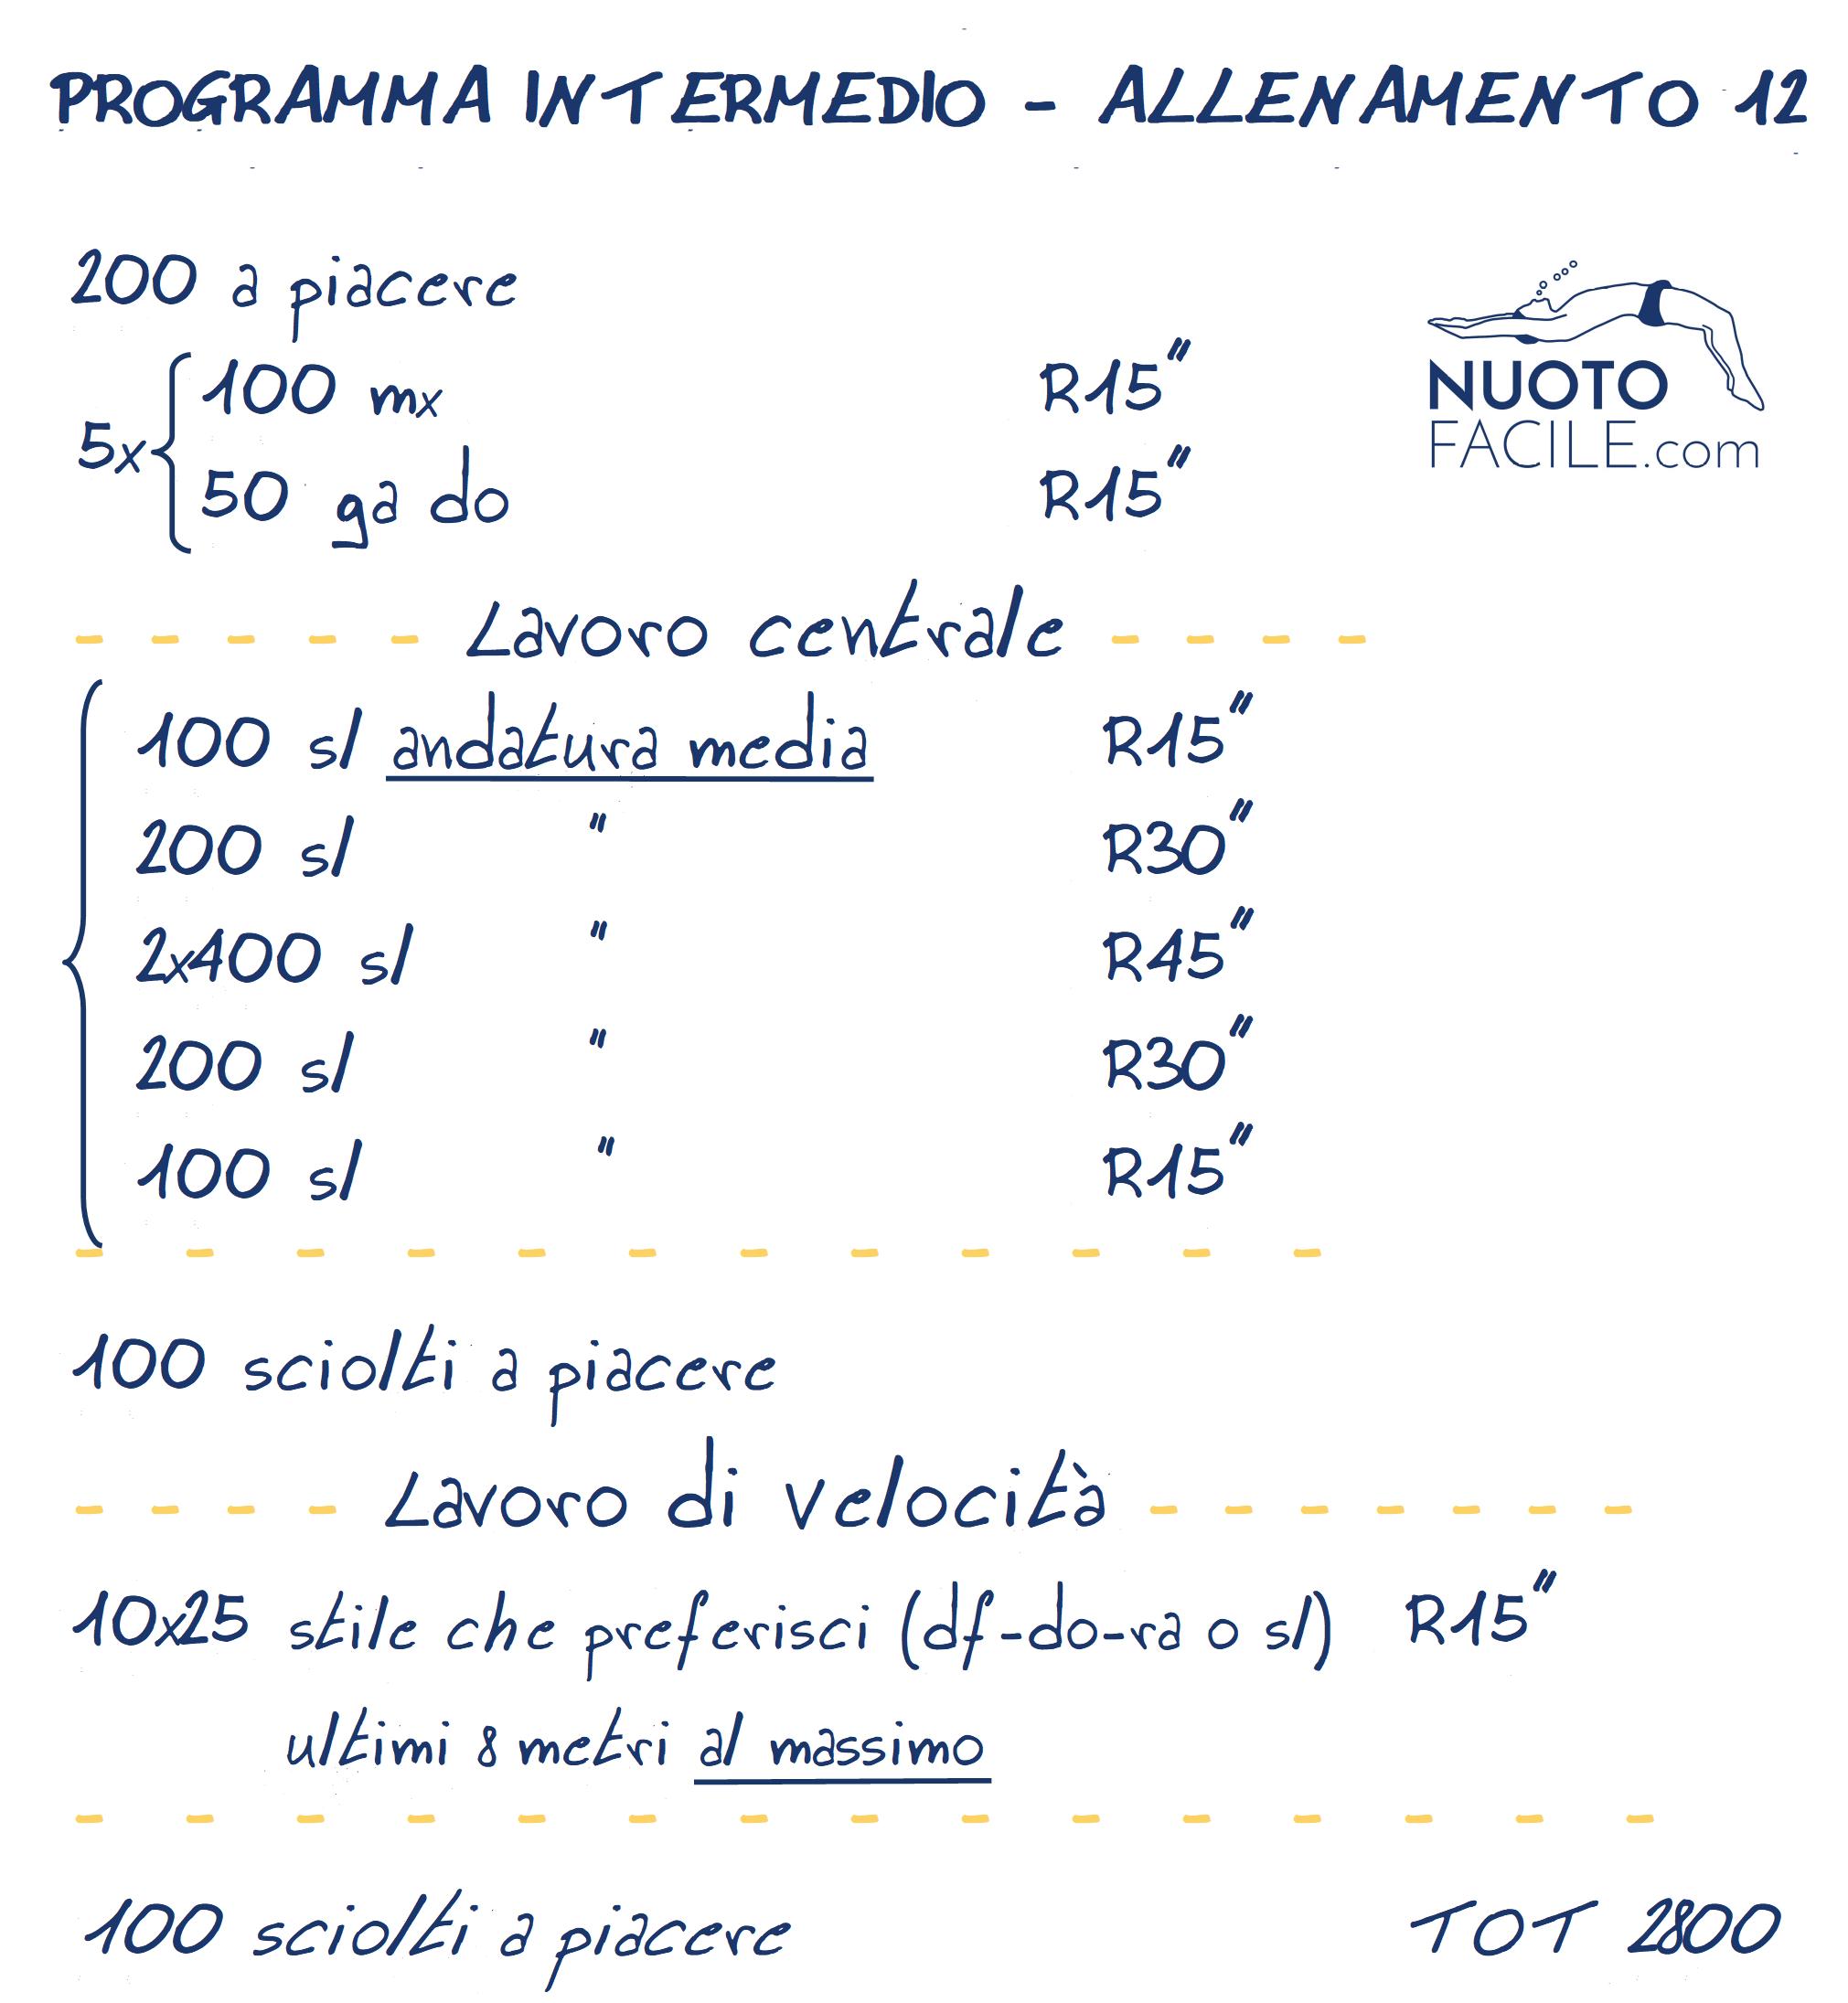 Programma di allenamento intermedio Nuoto Facile - allenamento 12